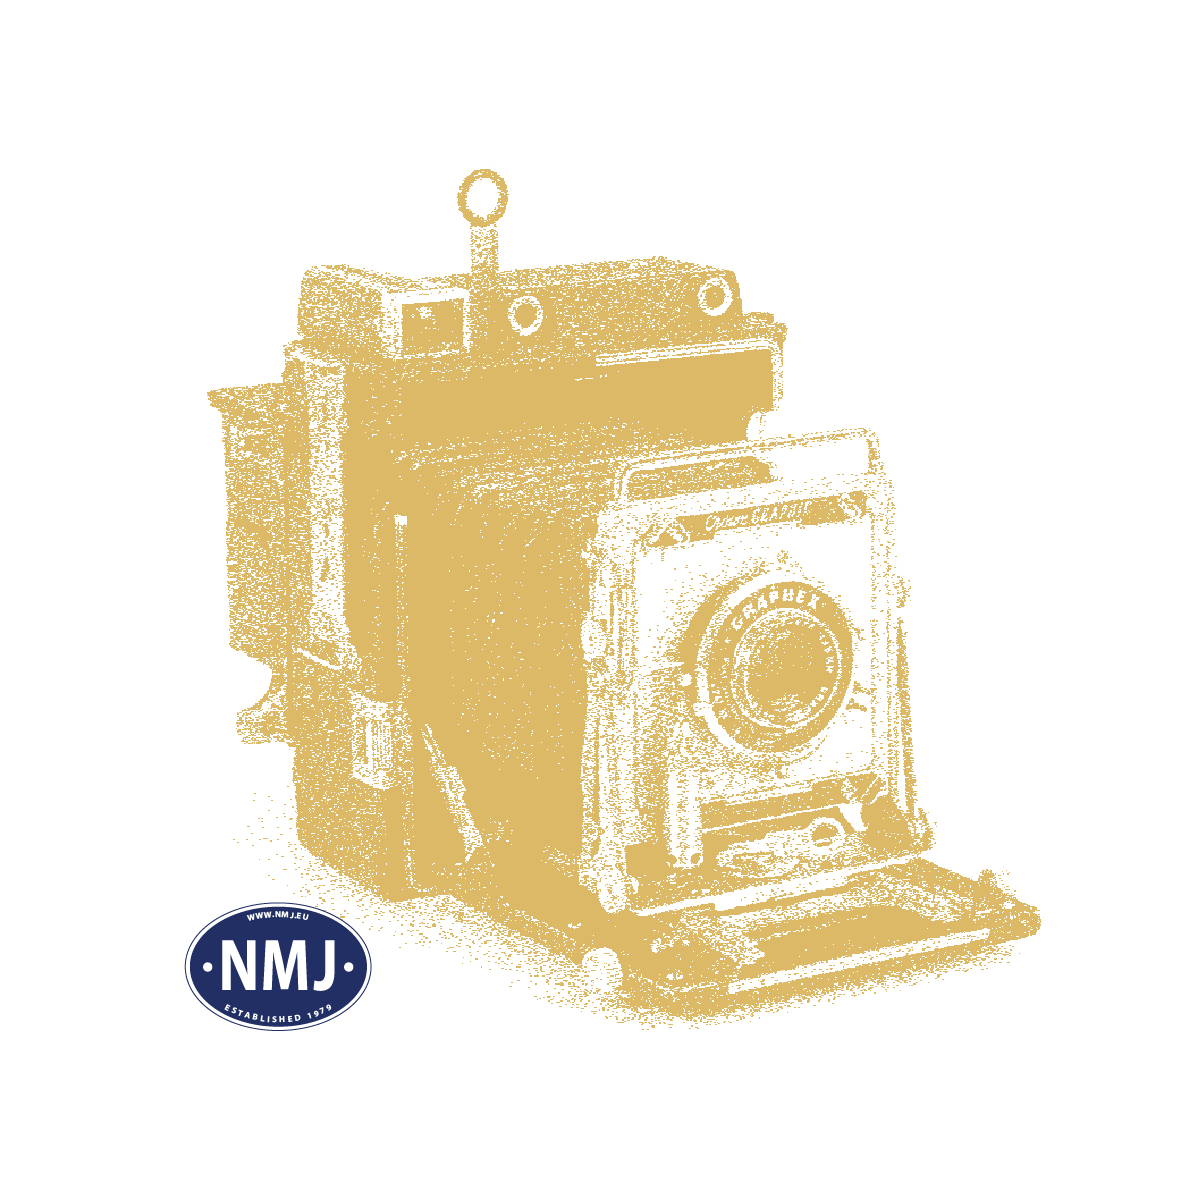 NMJT507.120 - NMJ Topline CargoNet Lgns 42 76 443 2053-8